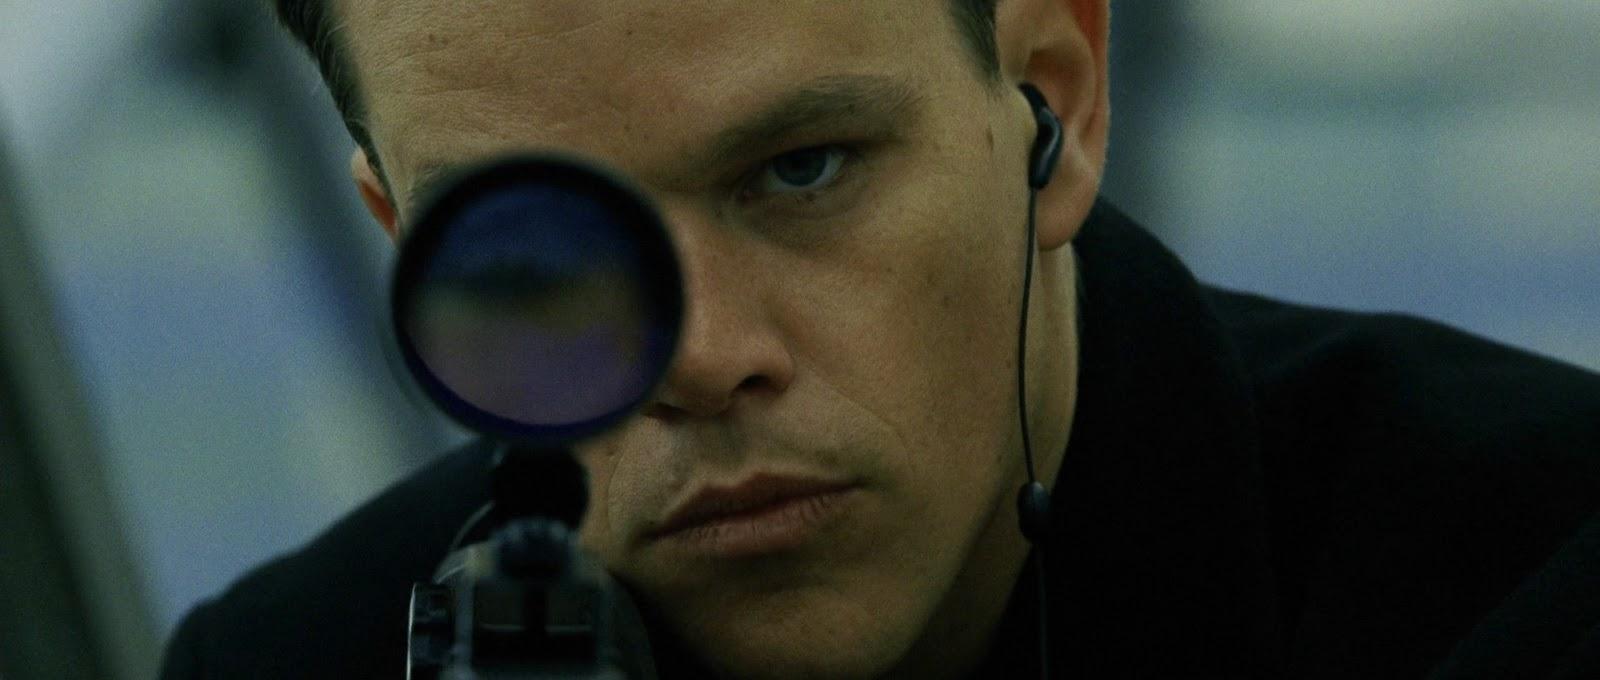 Untitled Jeremy Renner/Bourne Sequel Download